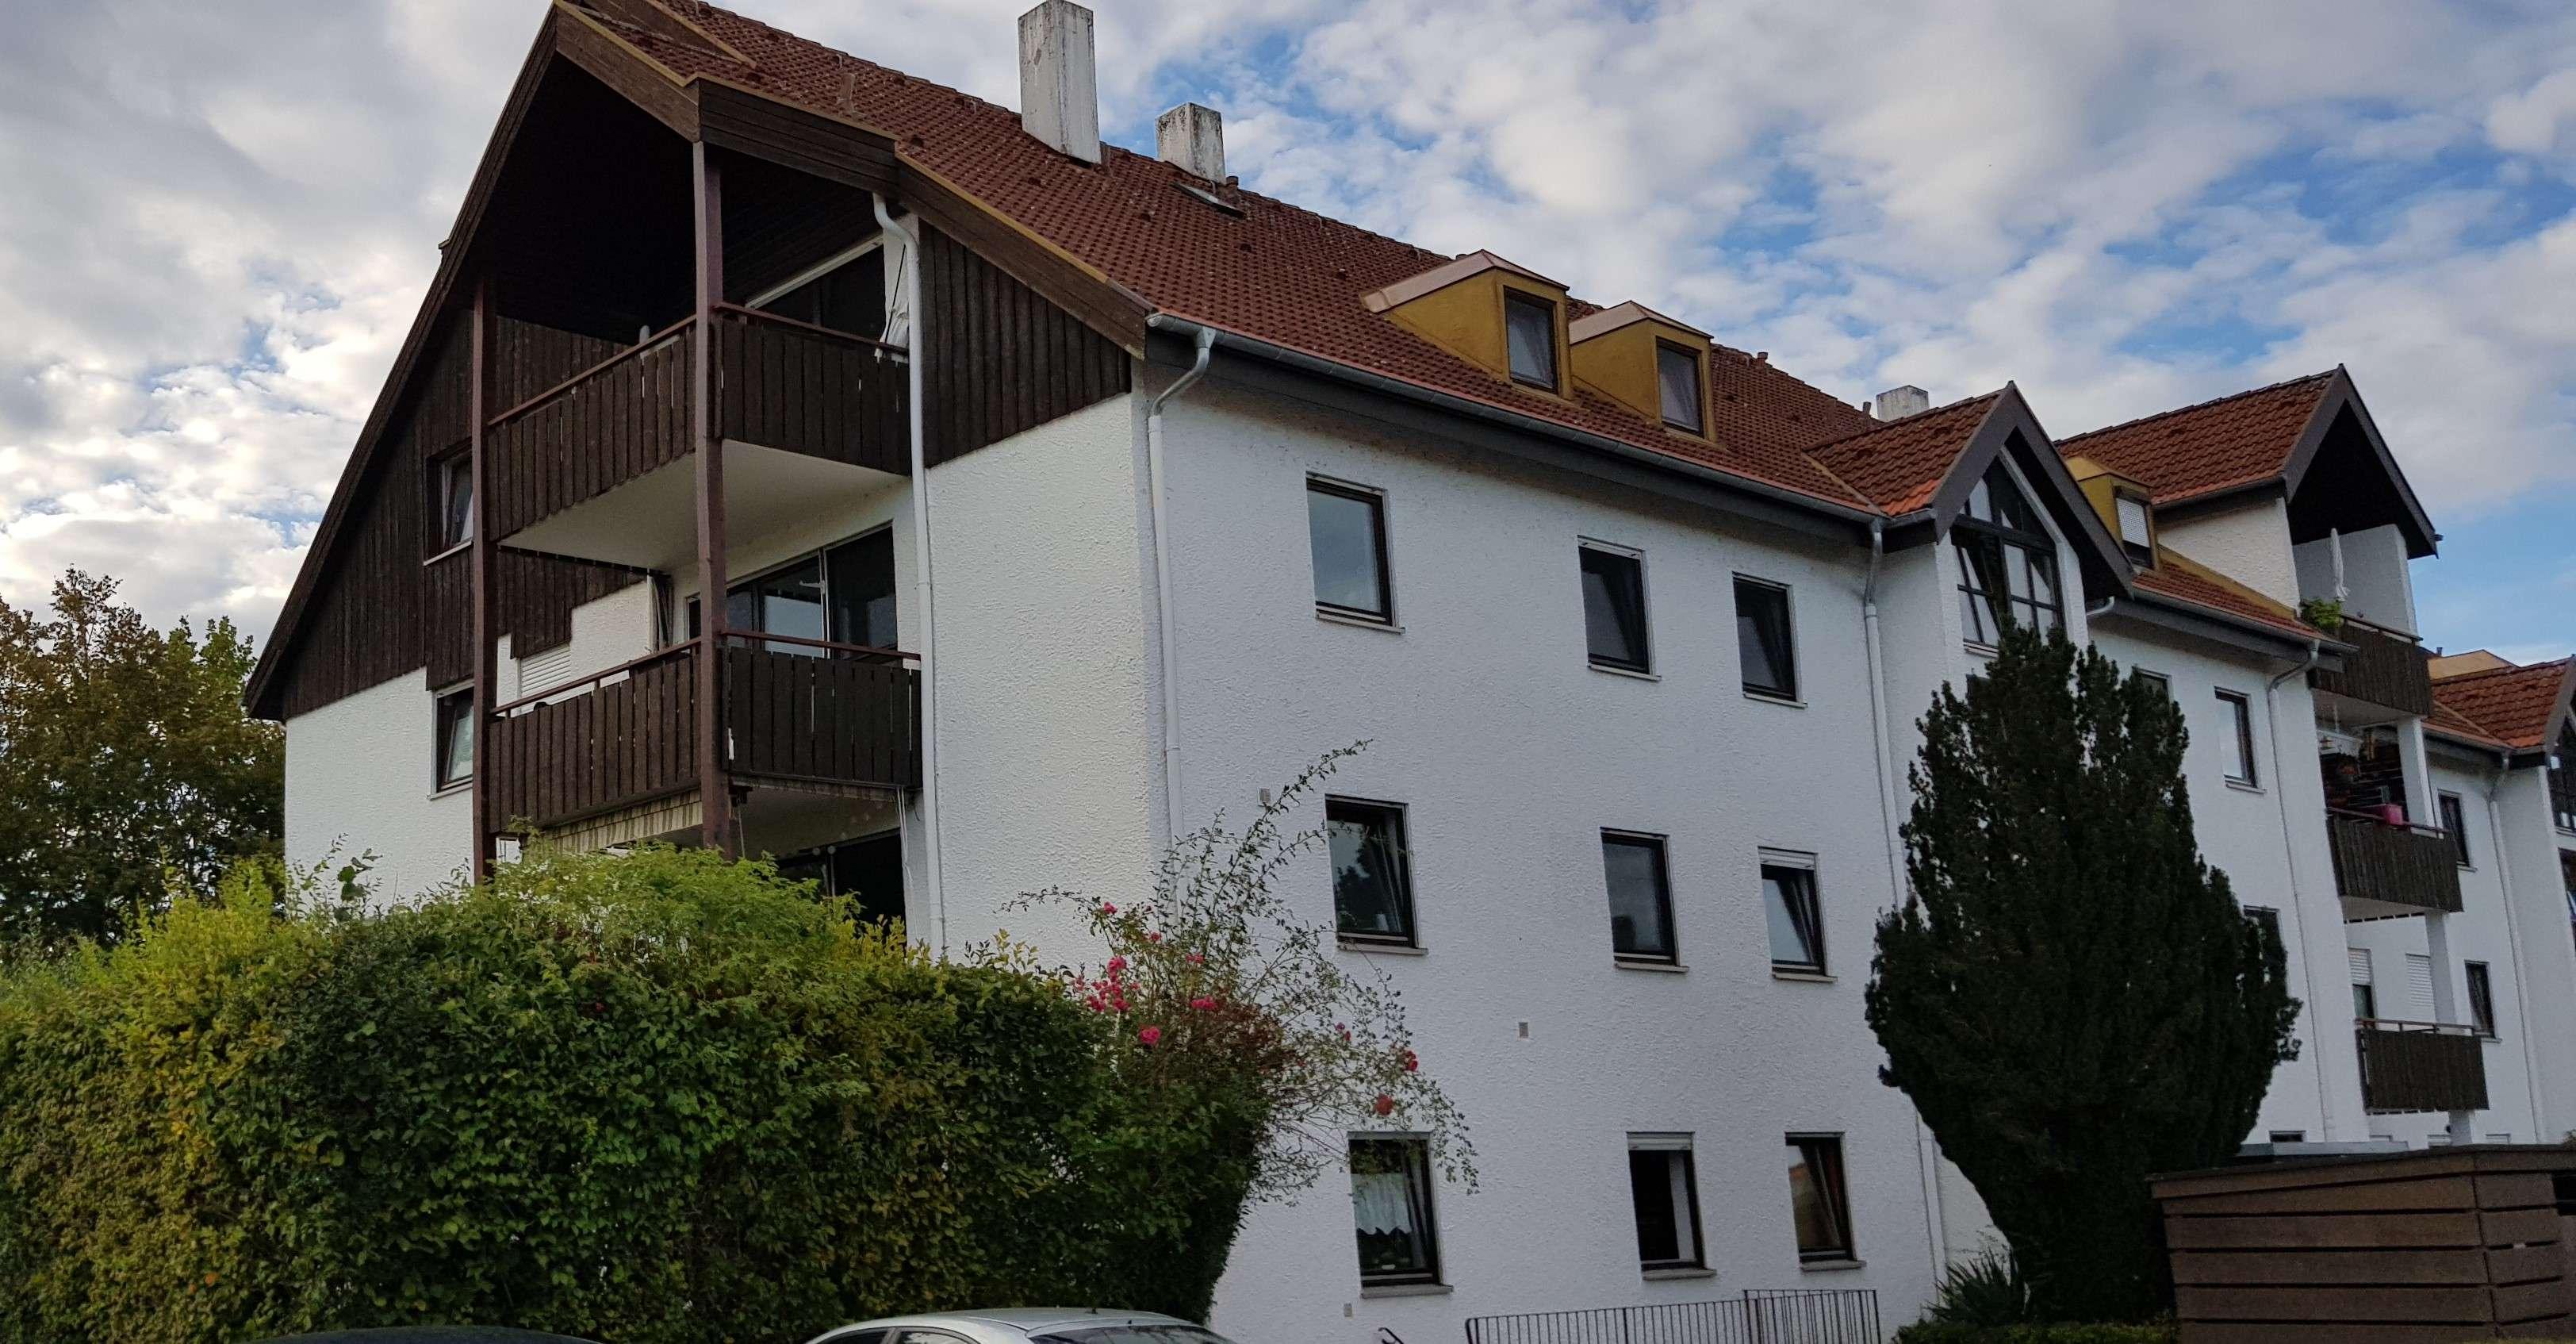 Schöne zwei Zimmer Wohnung in Landsberg am Lech in Landsberg am Lech